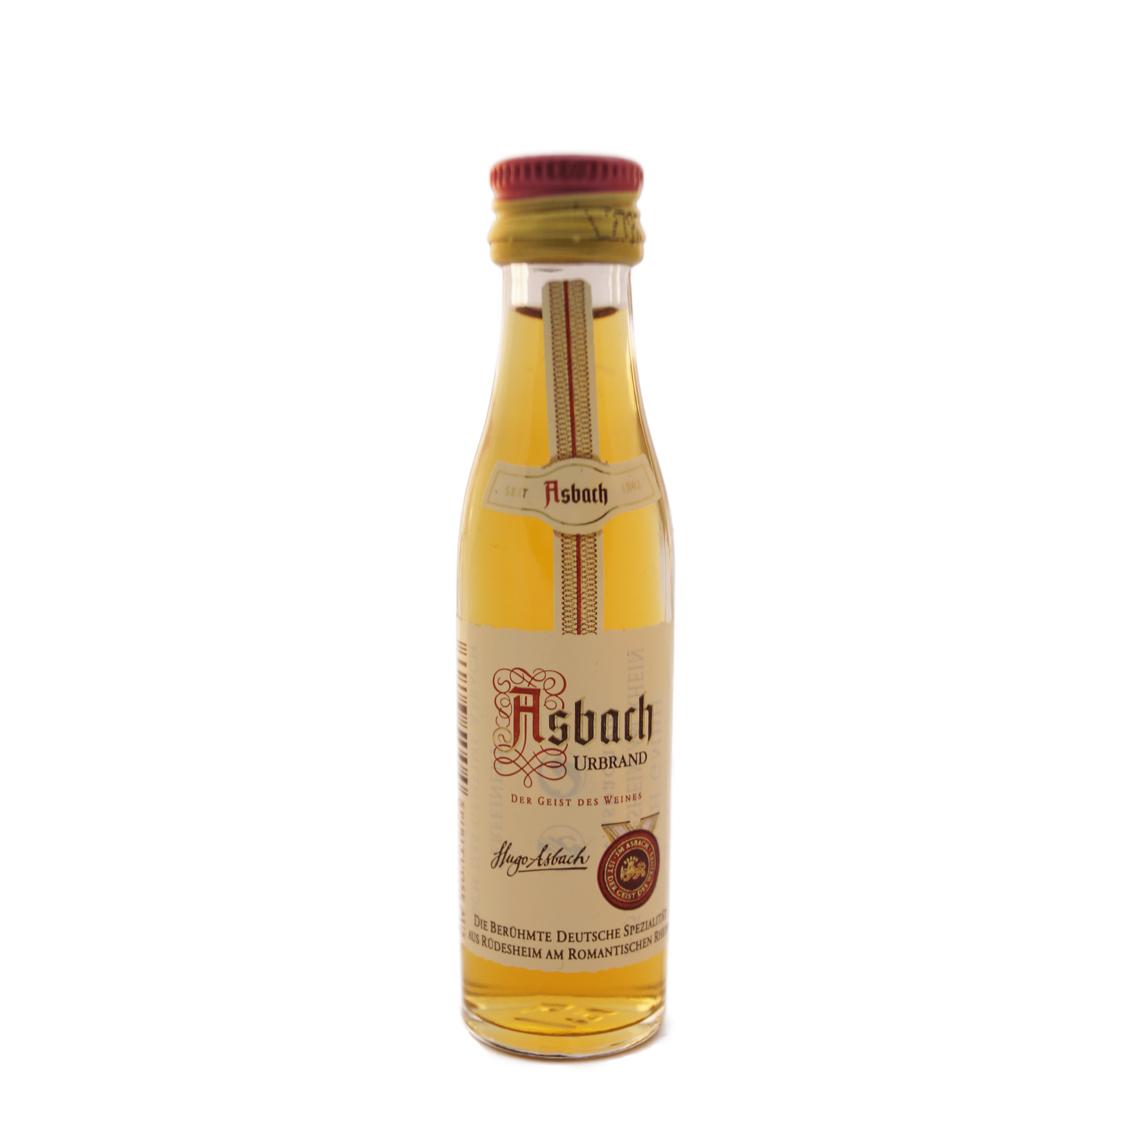 WEINBRAND-ASBACH-URBRAND-1